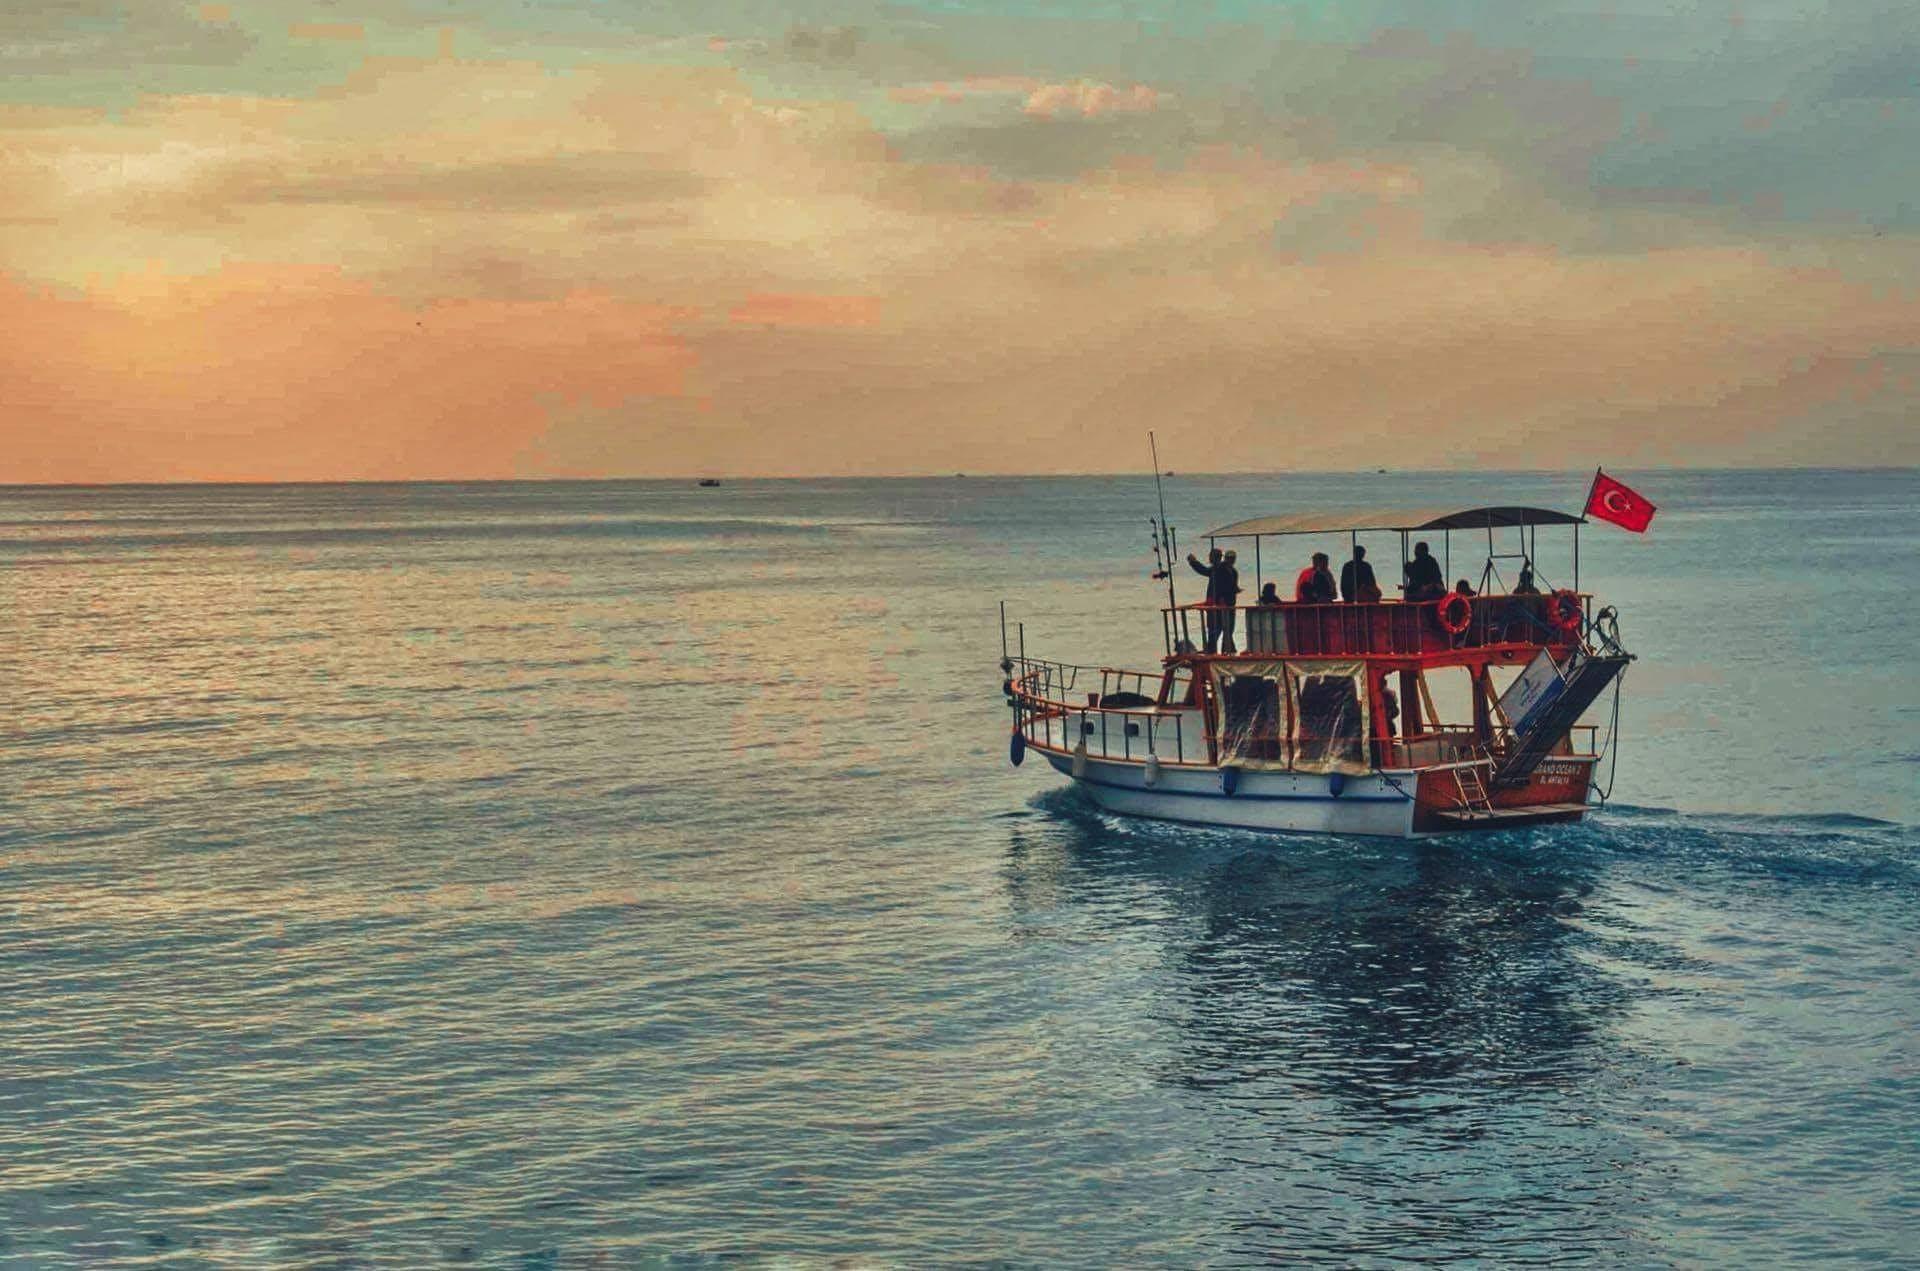 Δωρεάν στοκ φωτογραφιών με Άνθρωποι, αυγή, βάρκα, διακοπές